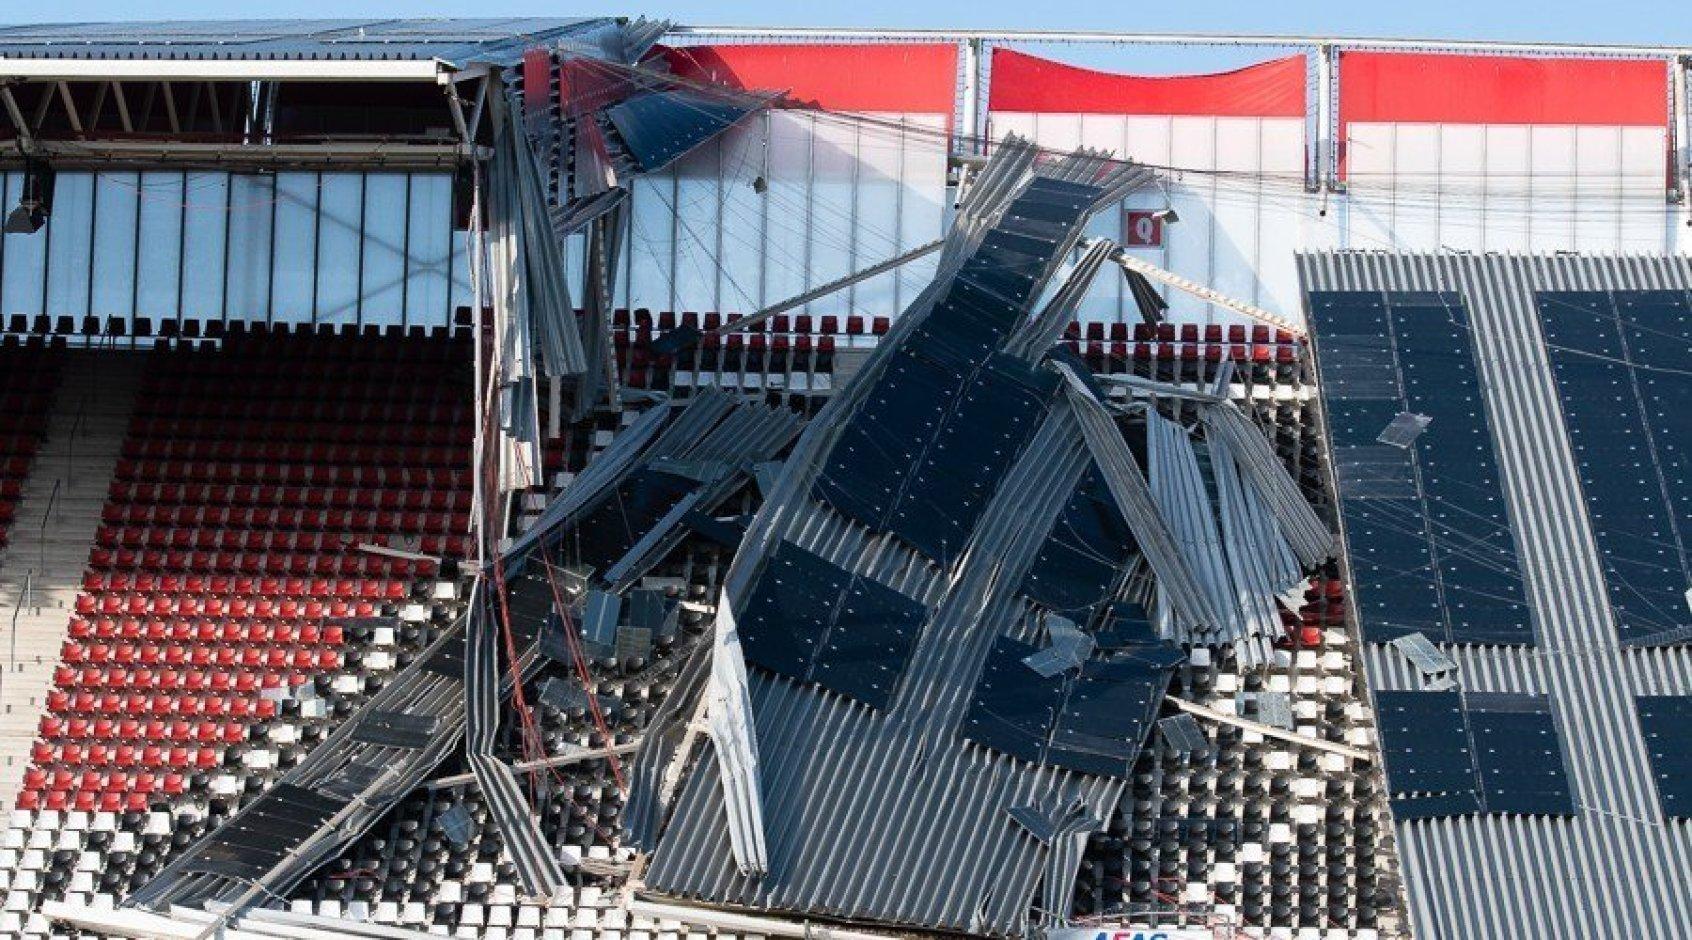 Обрушение крыши на стадионе АЗ: когда вопросов больше, чем ответов (+Фото, Видео)